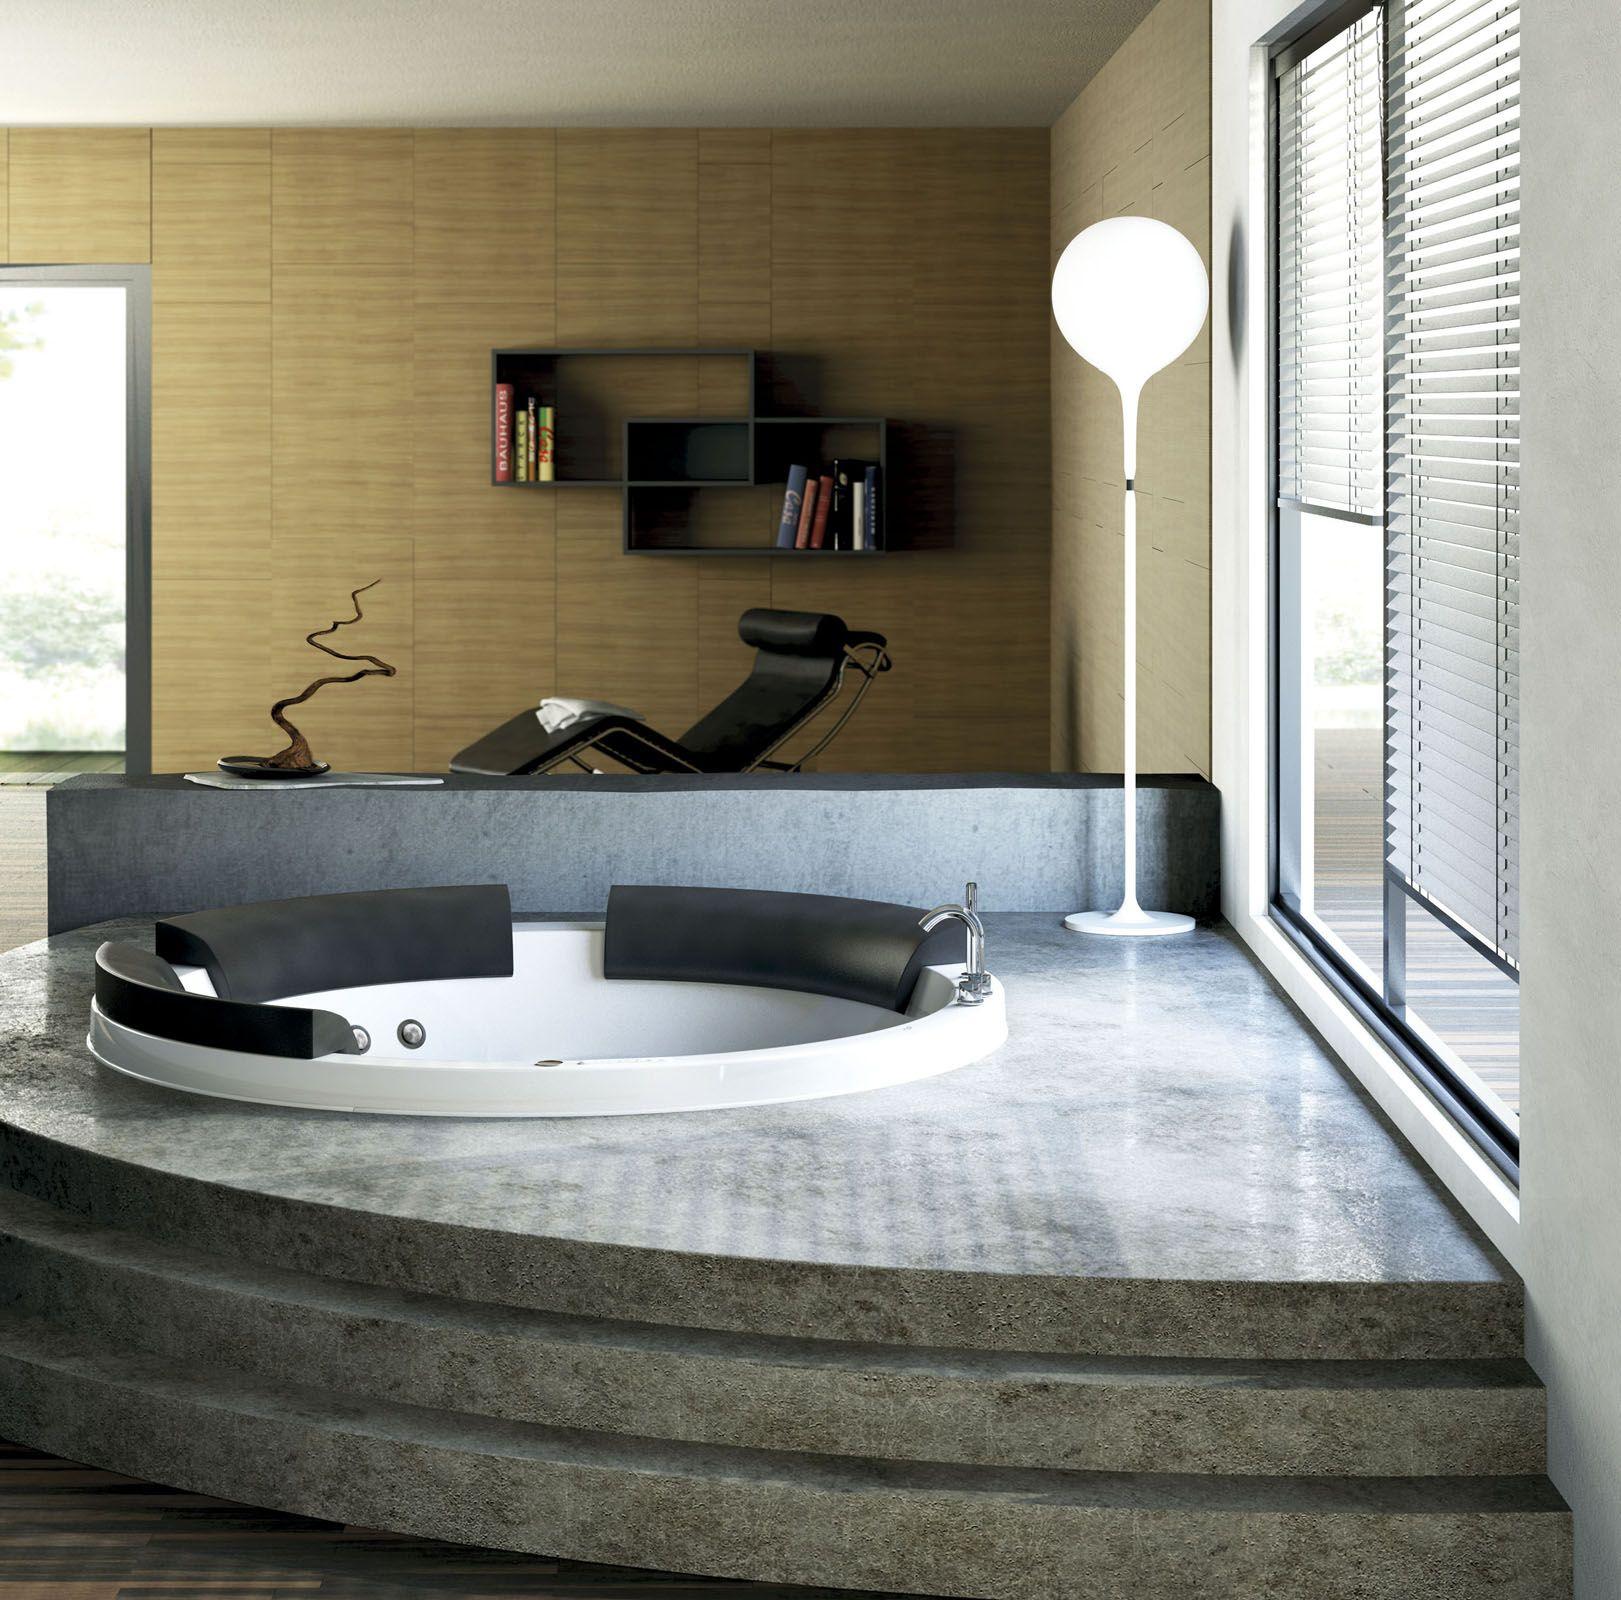 Le vasche idromassaggio WWW, disegnate da Marc Sadler per